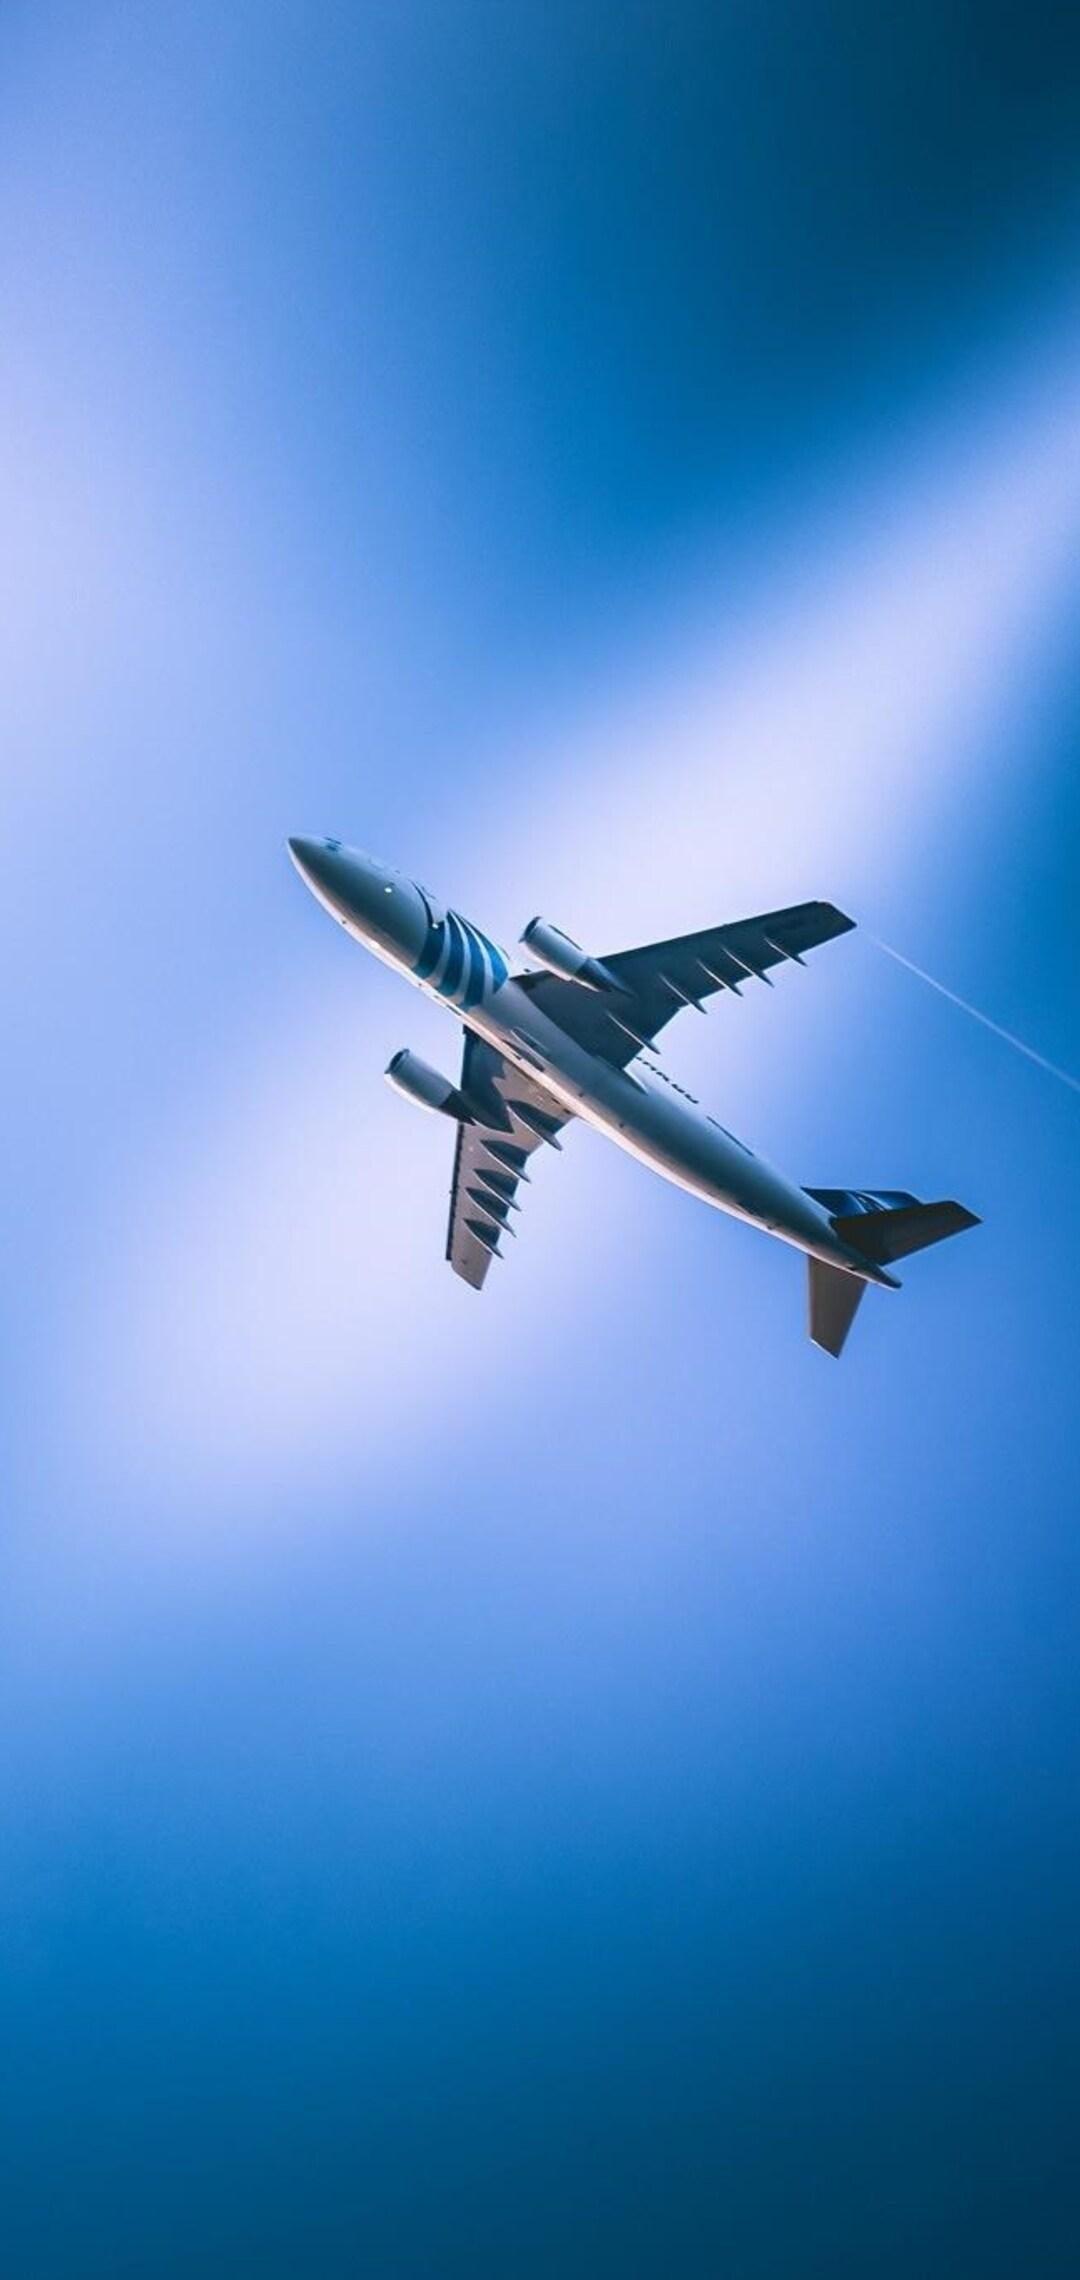 1080x2280 Aeroplane One Plus 6 Huawei P20 Honor View 10 Vivo Y85